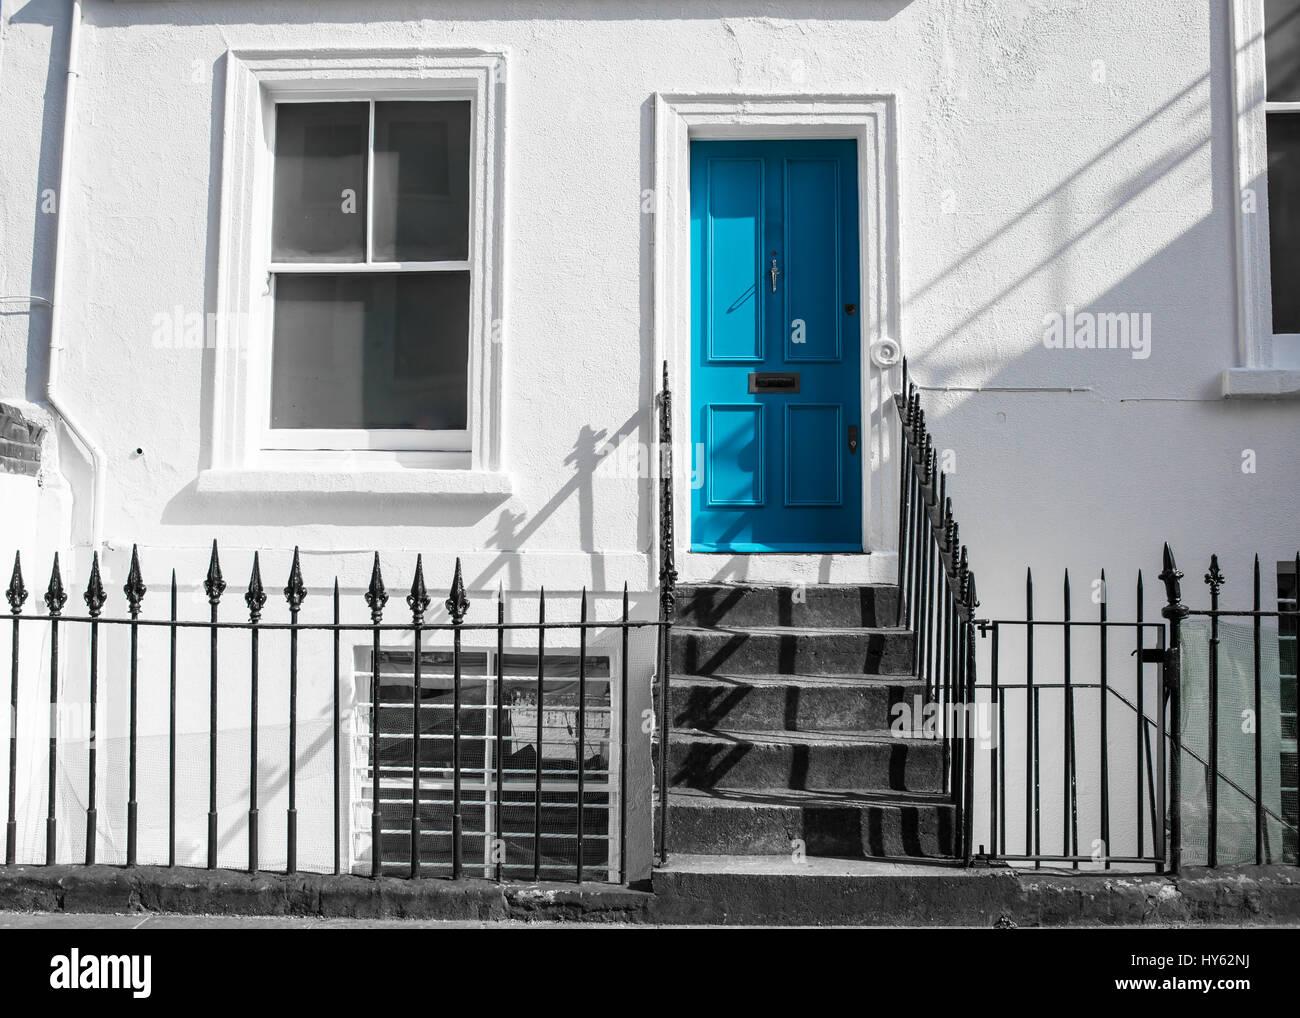 Haustur Hellblau Auf Weisse Wand Mit Treppen Und Schwarzen Metall